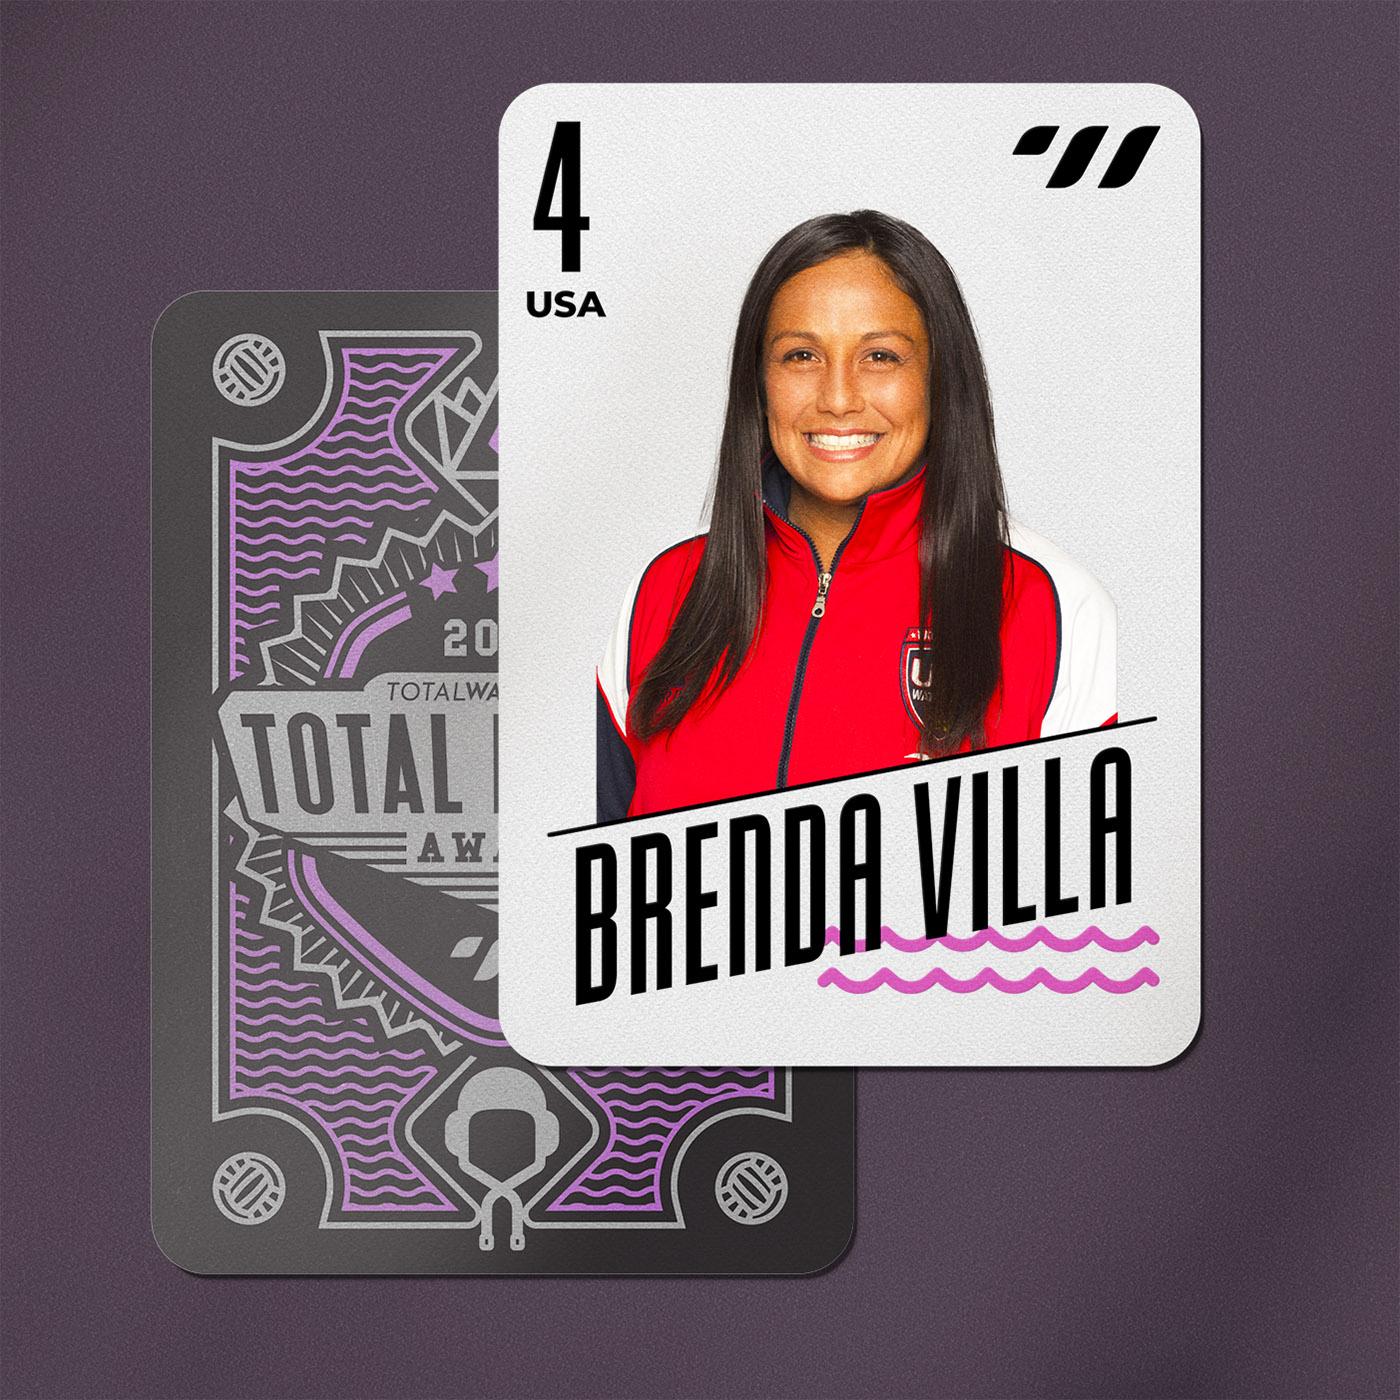 RIGHT SIDE - Brenda Villa (USA)